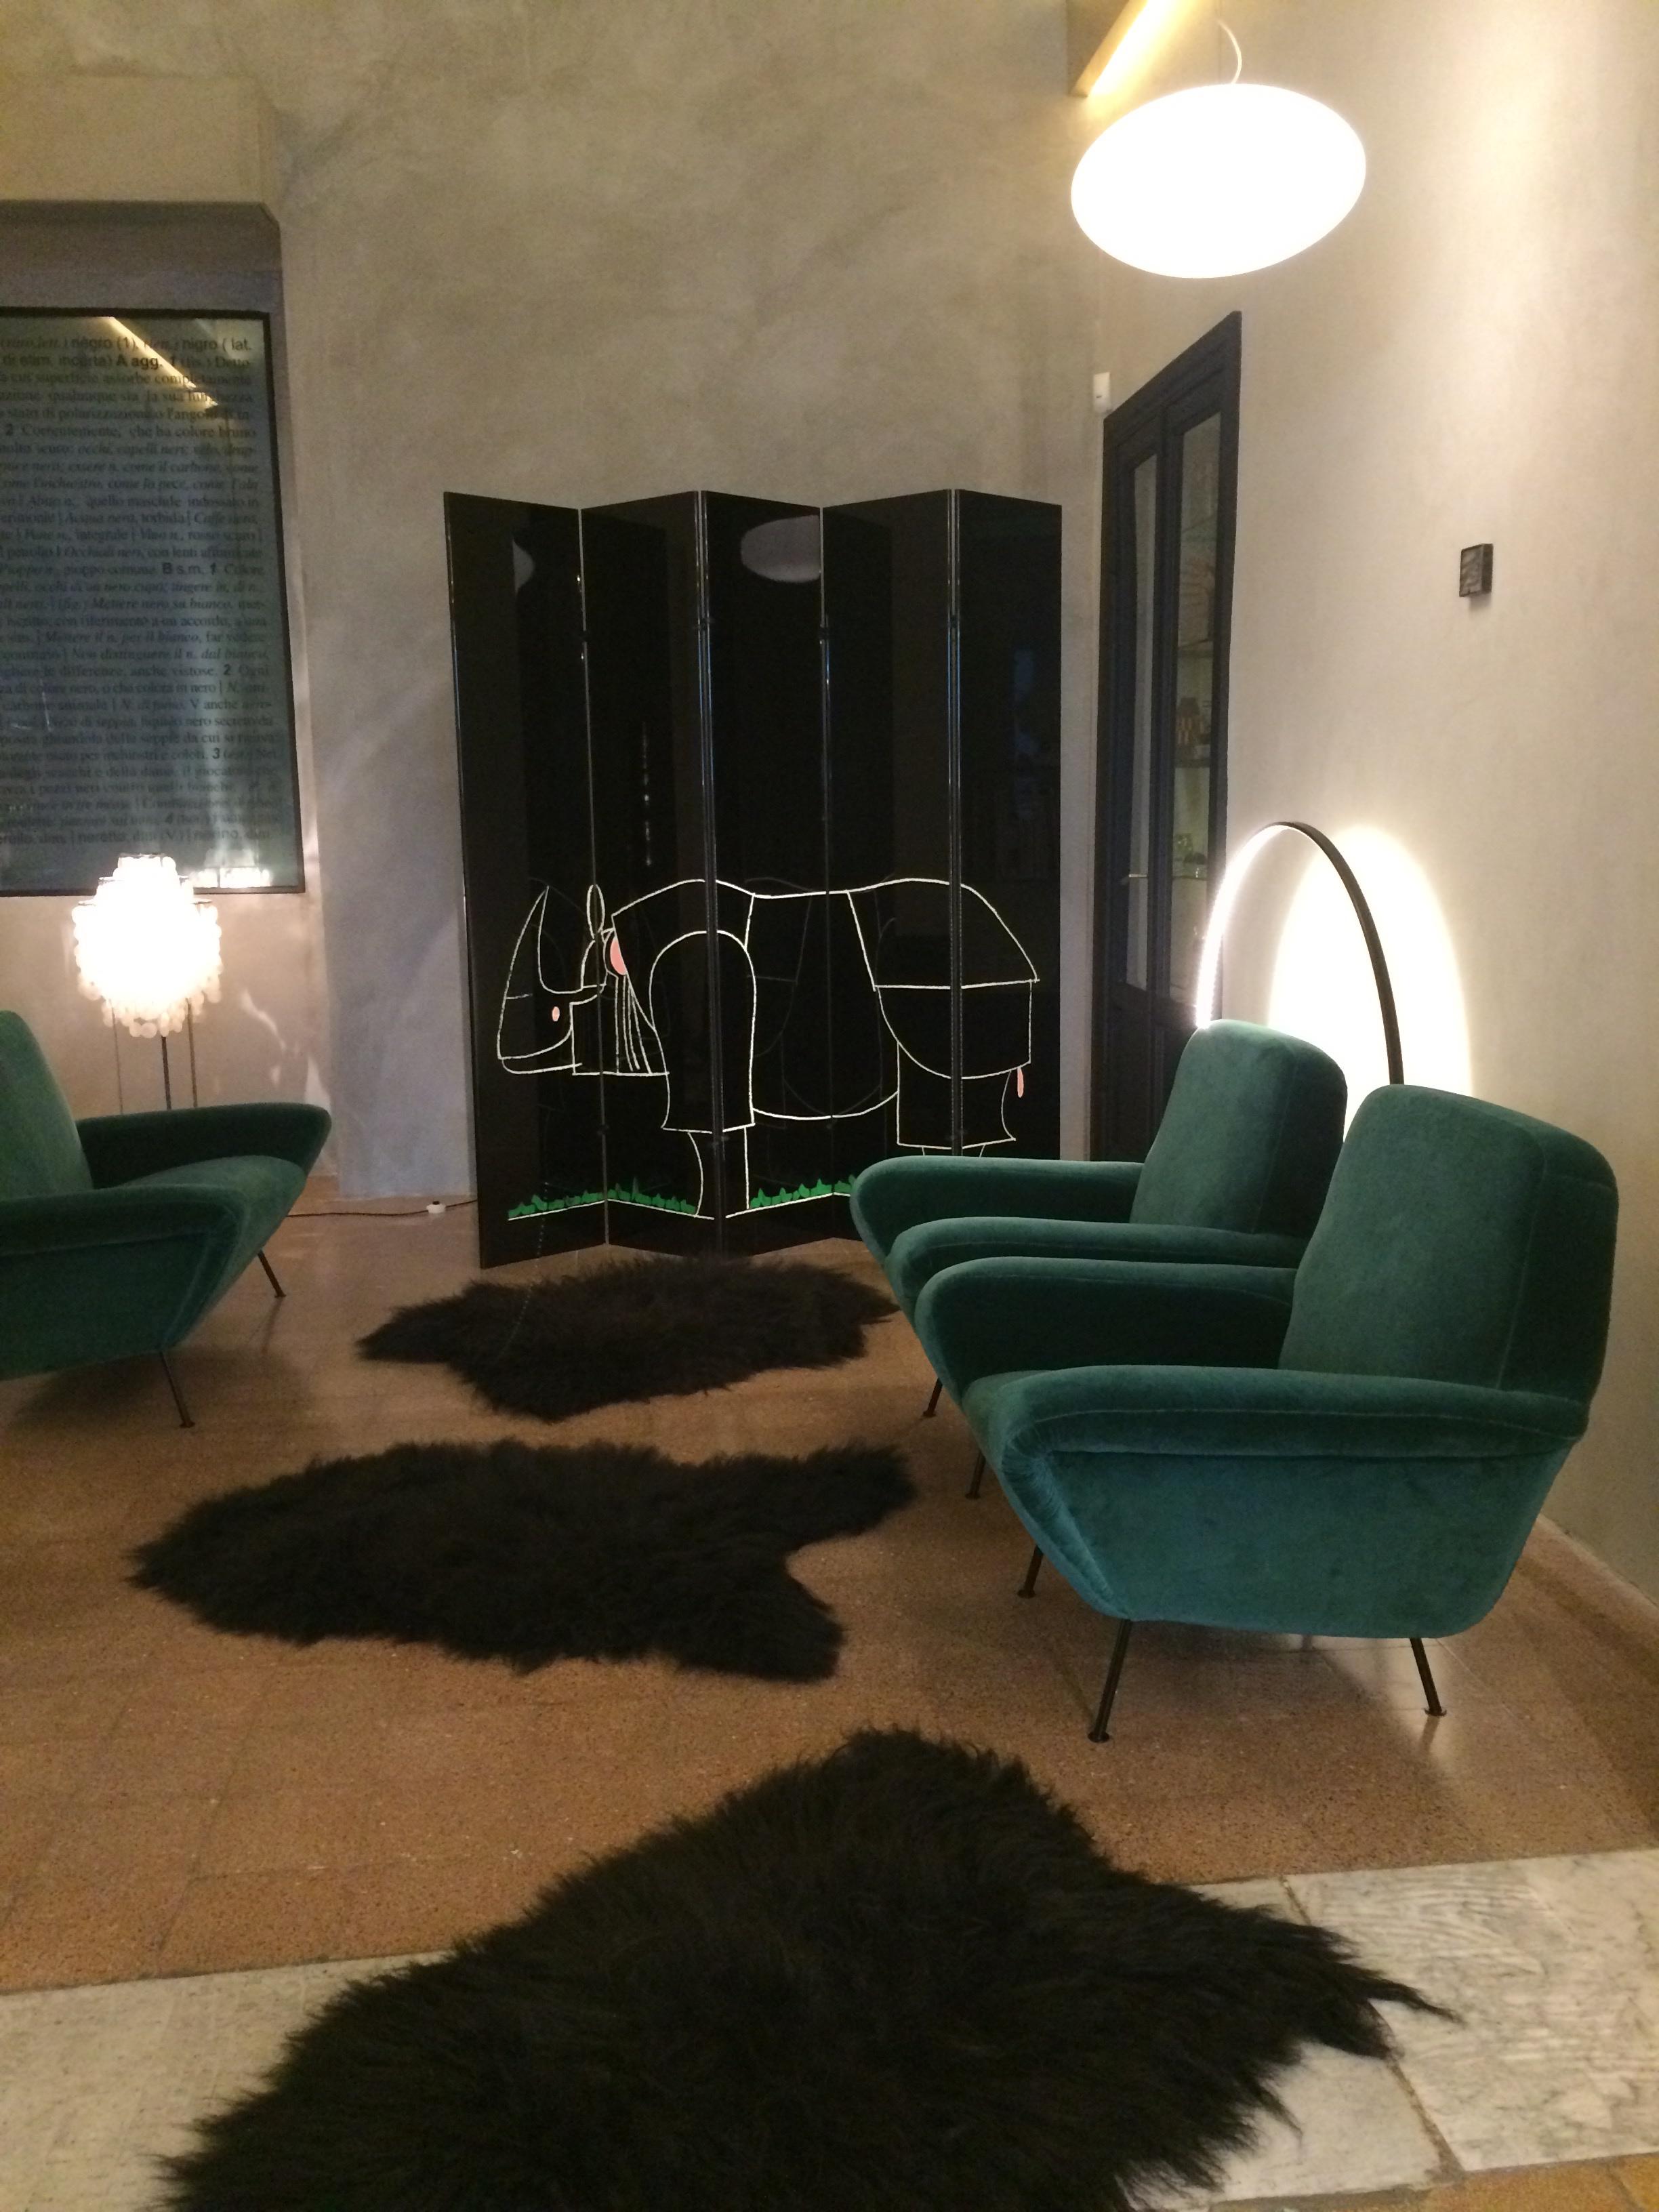 Nero Design Gallery, foto Chiara Vettraino